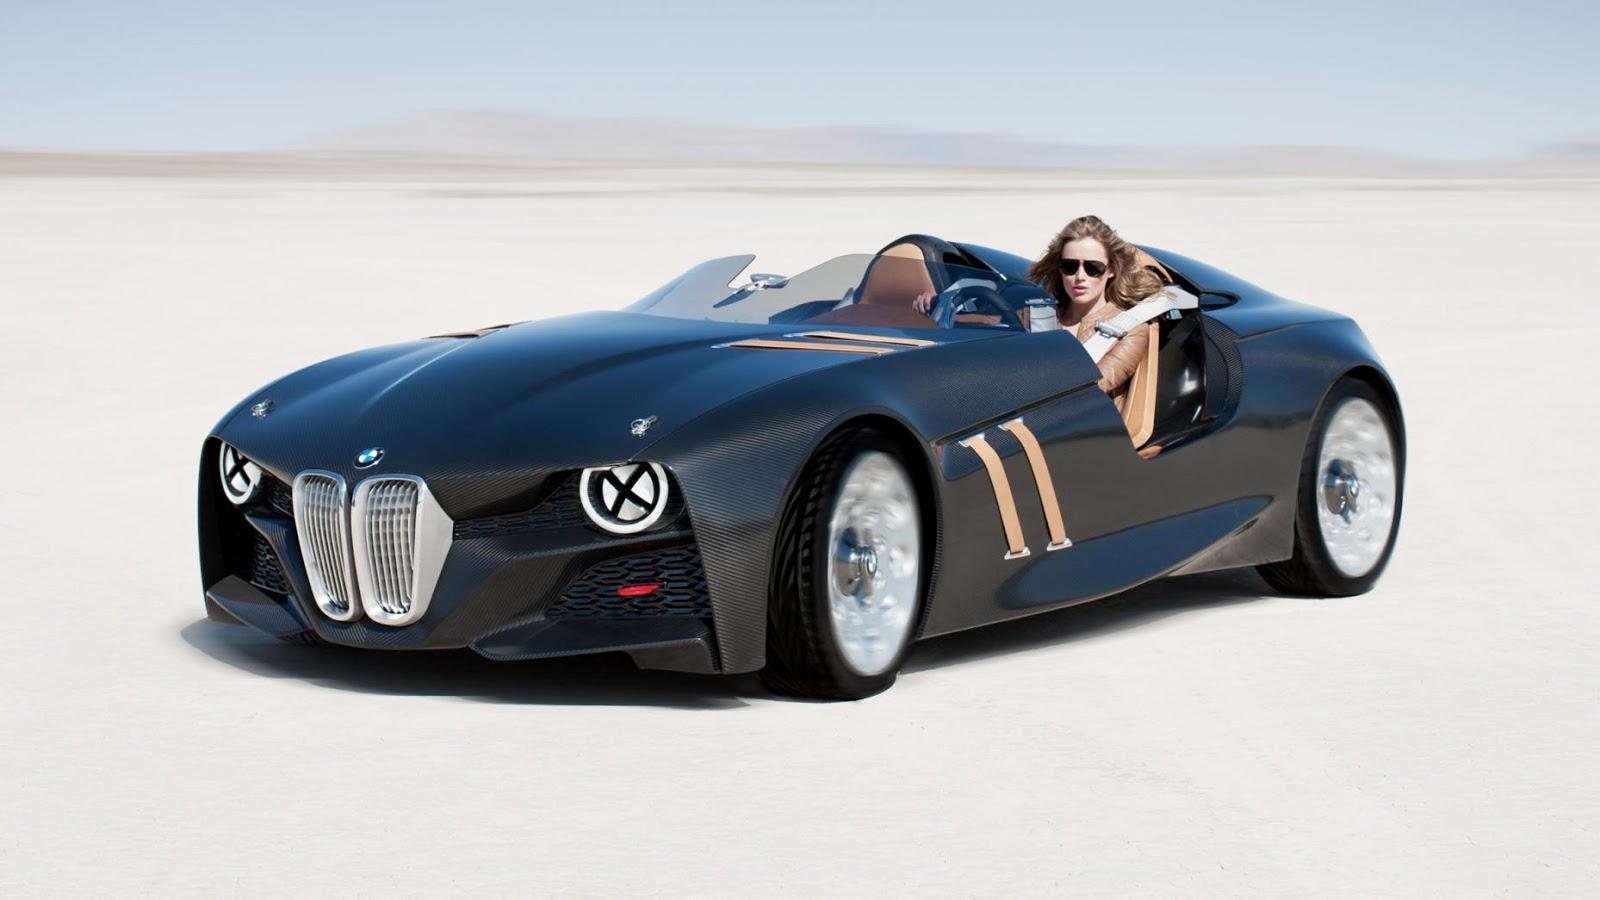 BMW Vision Connected Drive - Mẫu concept tuyệt đẹp nhưng chưa bao giờ được sản xuất